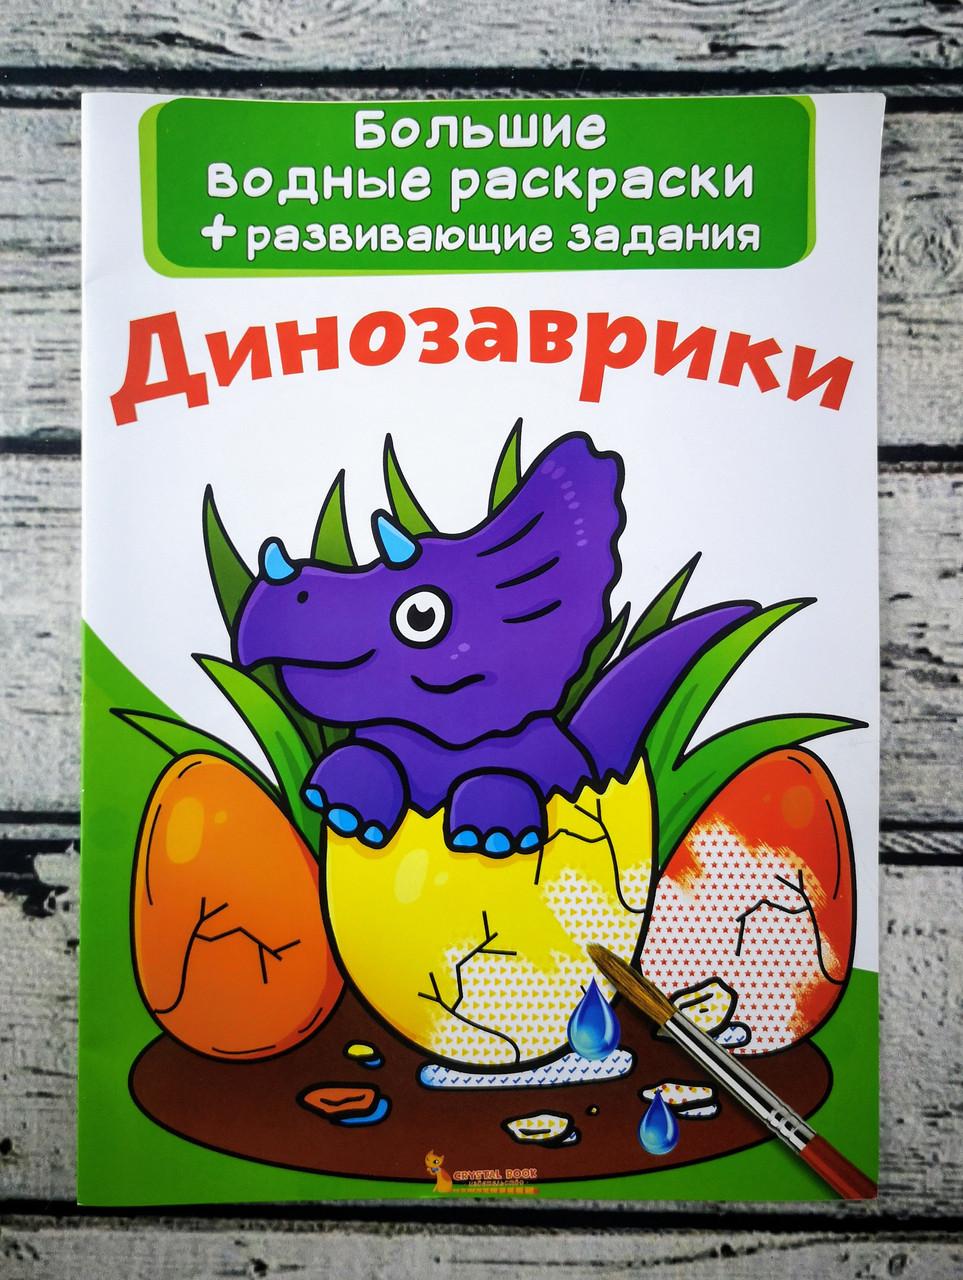 Водная раскраска Динозаврики 106821 БАО Украина